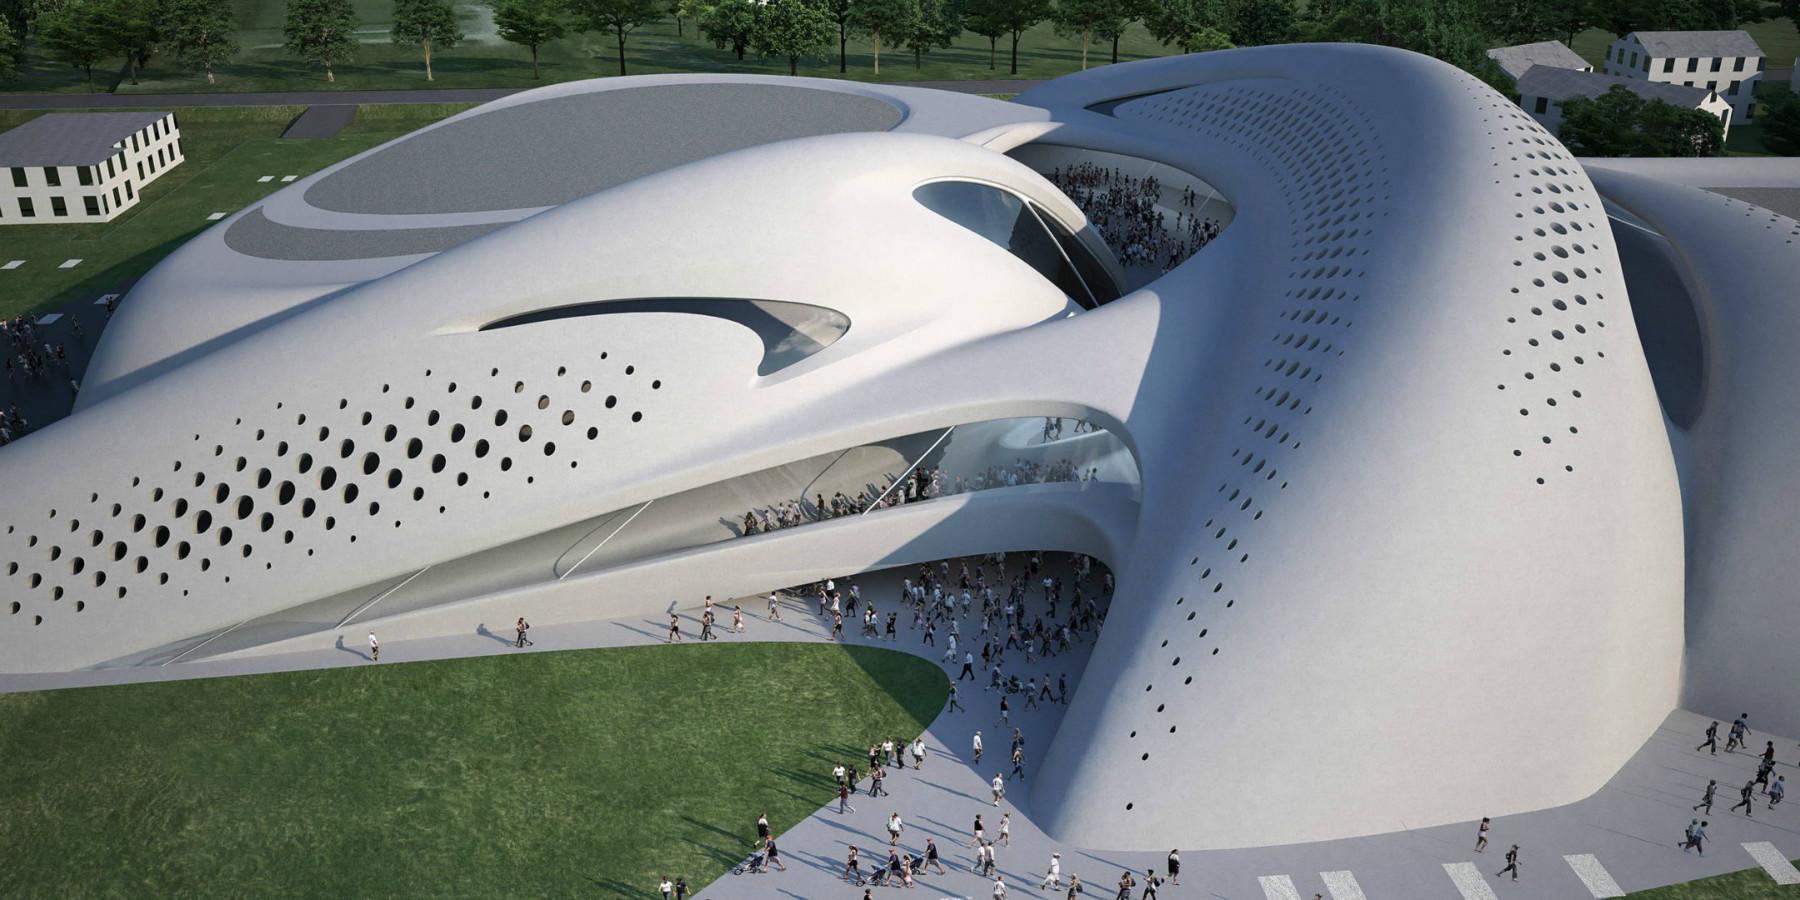 مركز المال والأعمال في جوسولو في ايطاليا من تصميم الراحلة زها حديد .